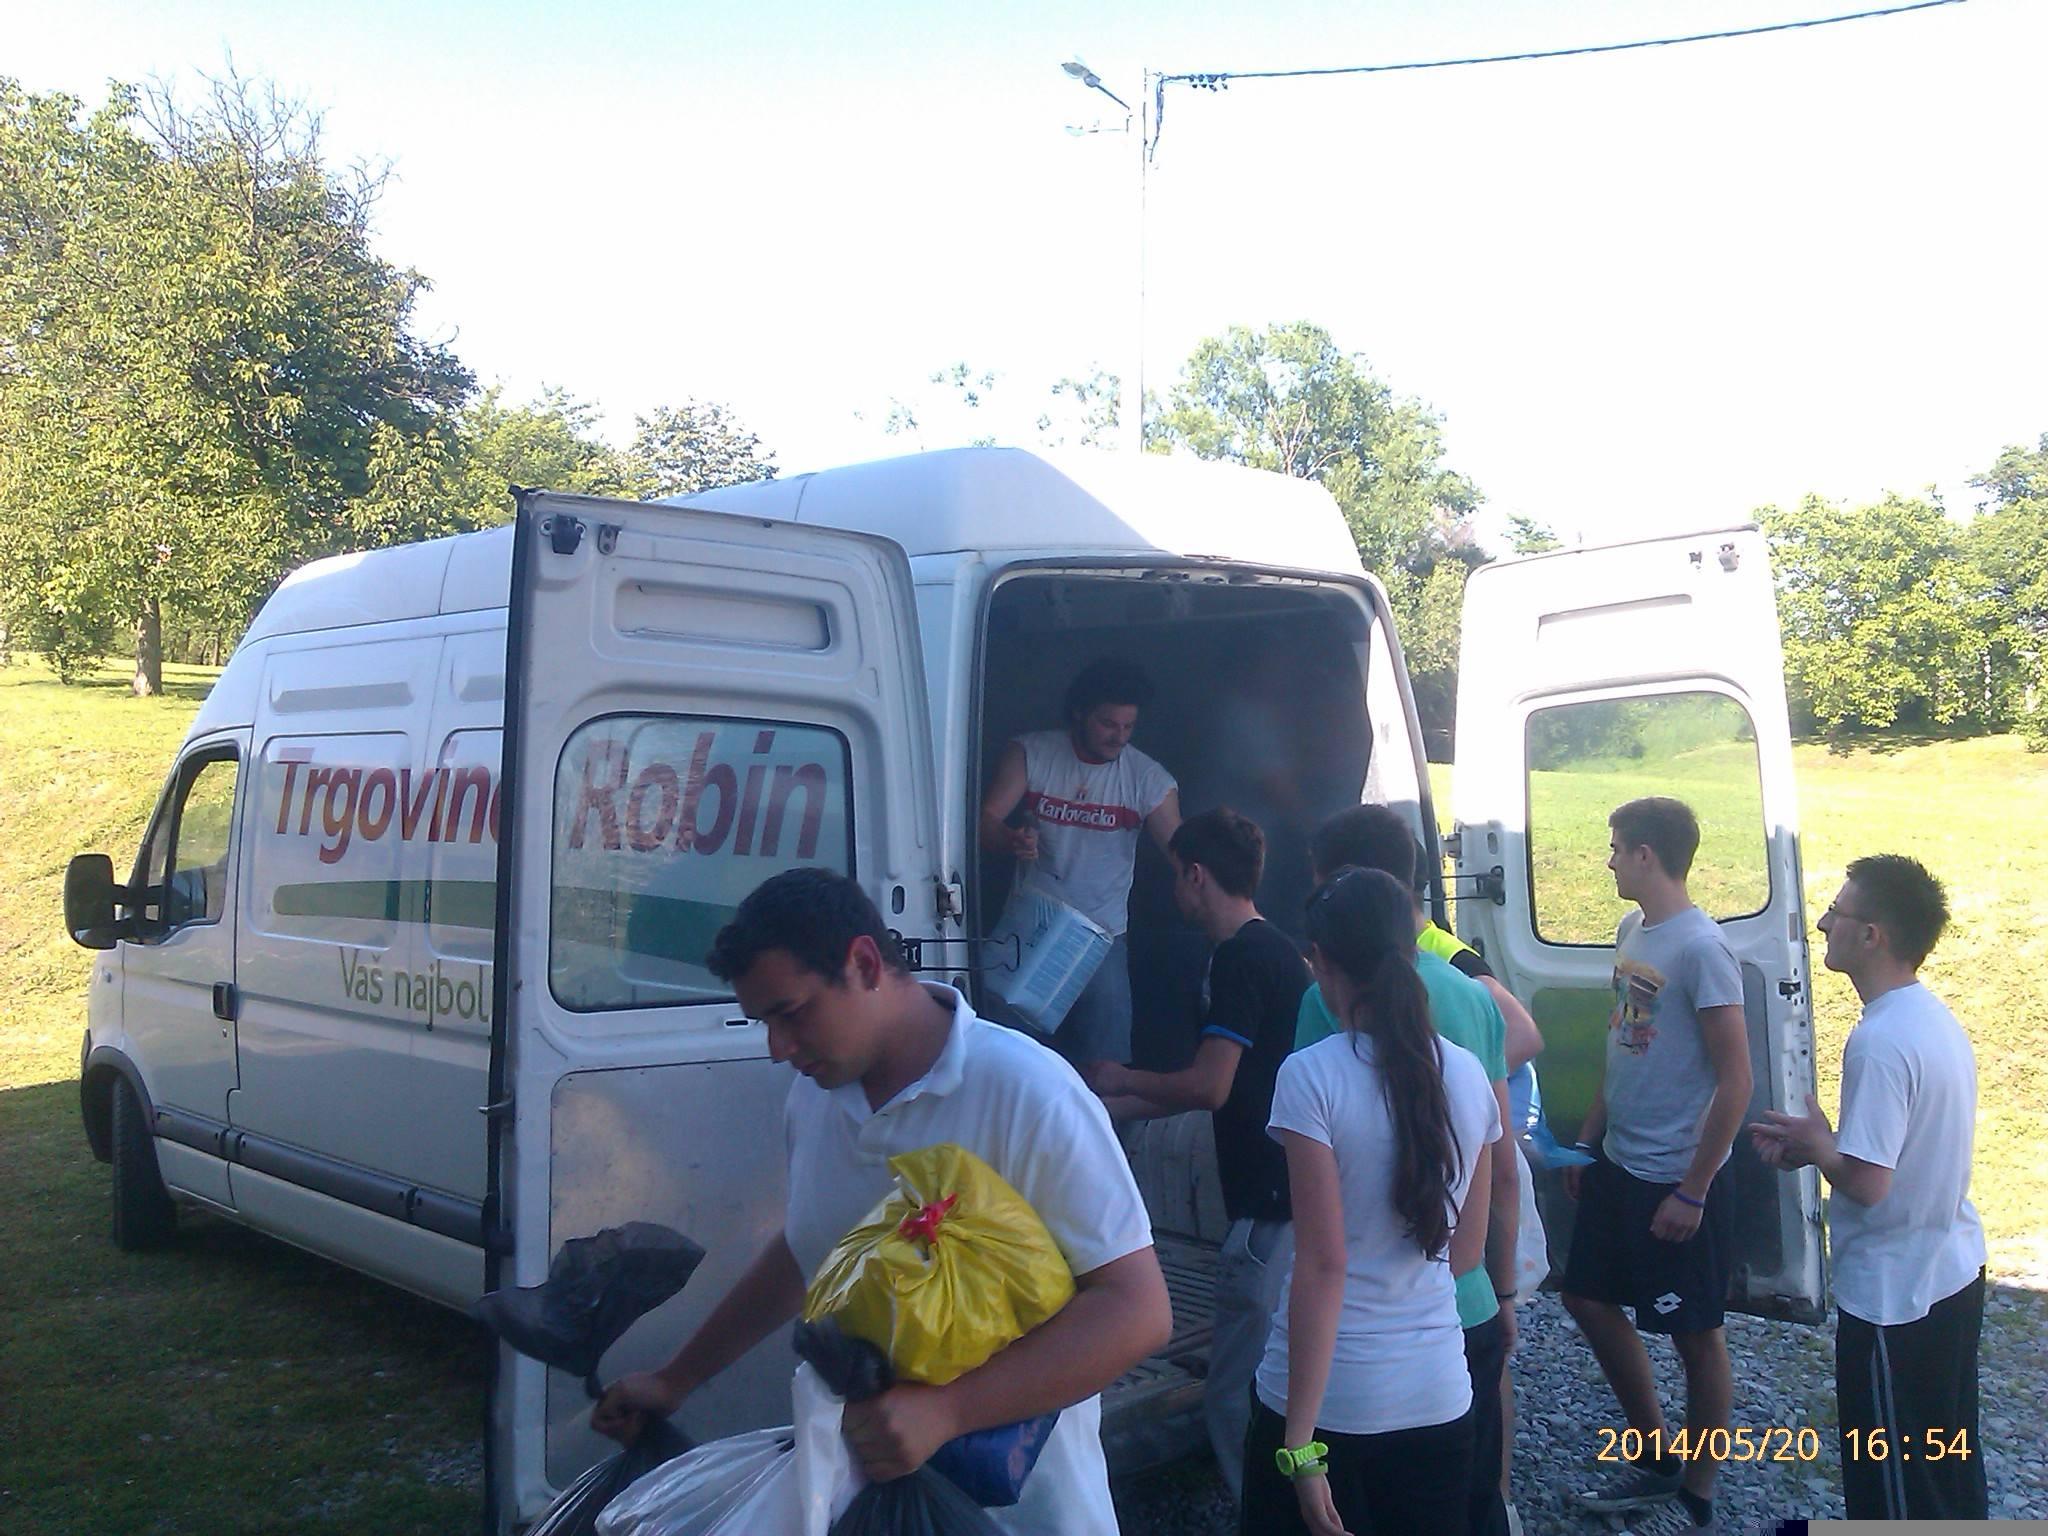 Robin_kombi_donacije_pomoc_Slavonija_poplave_1